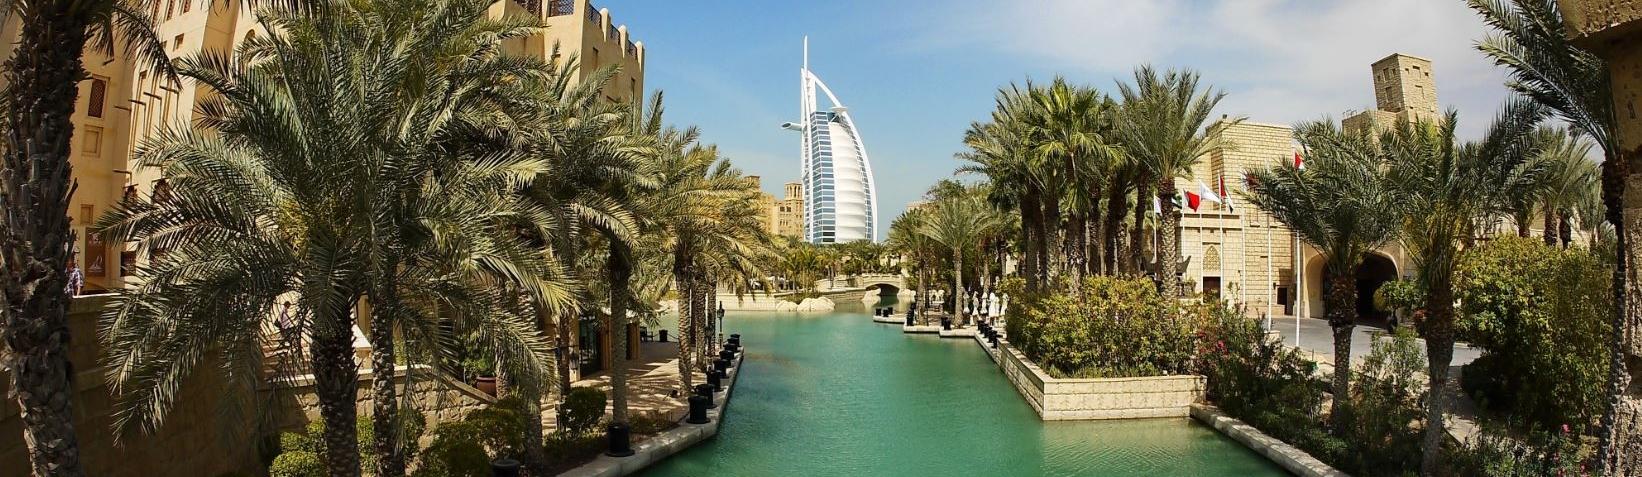 Reisen Sie mit uns nach Dubai.